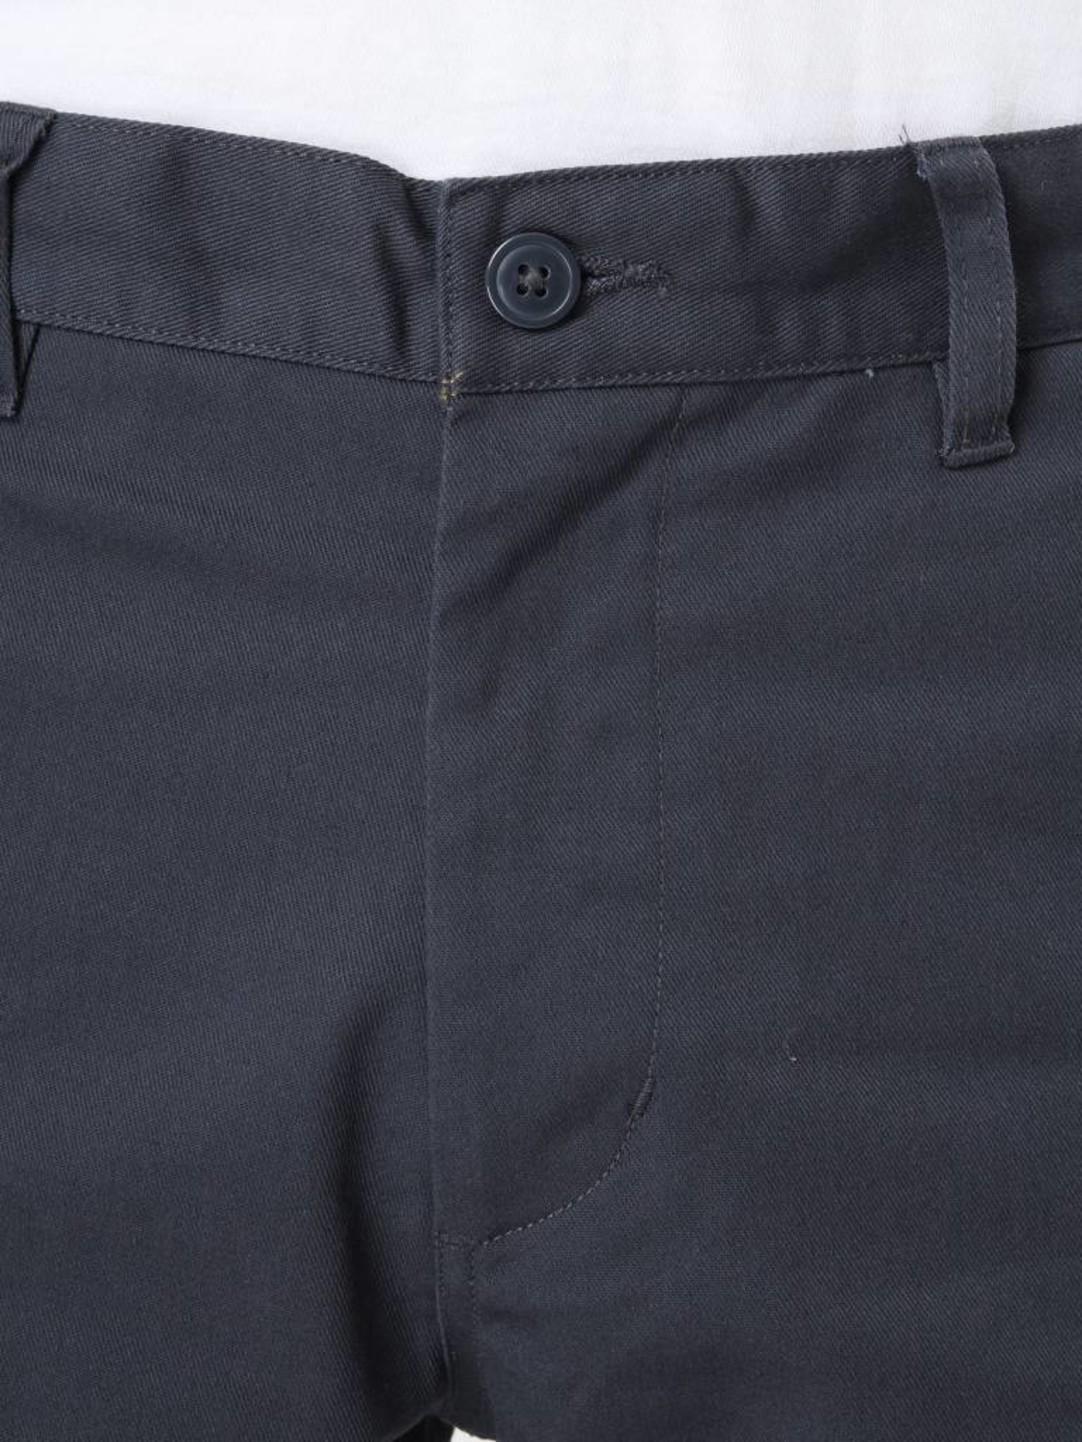 Obey Obey Straggler Flooded Pant Dark Ink 142020060